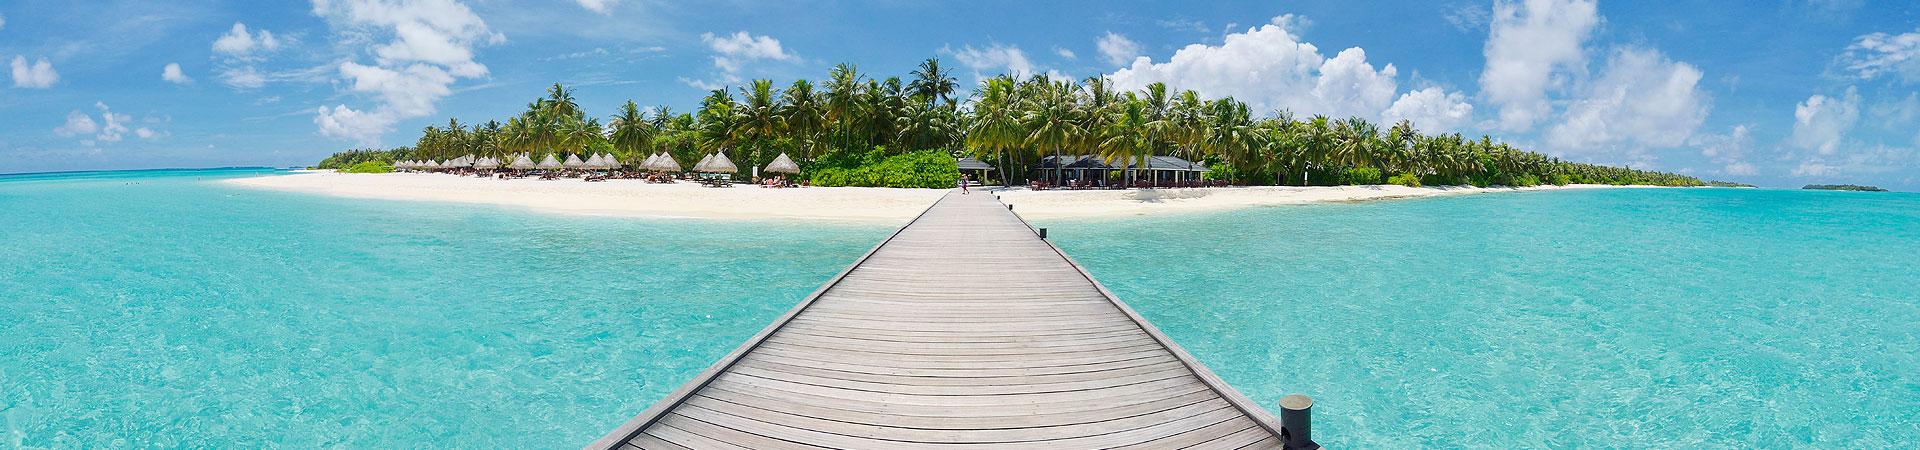 Malediven Sun Island Resort & Spa